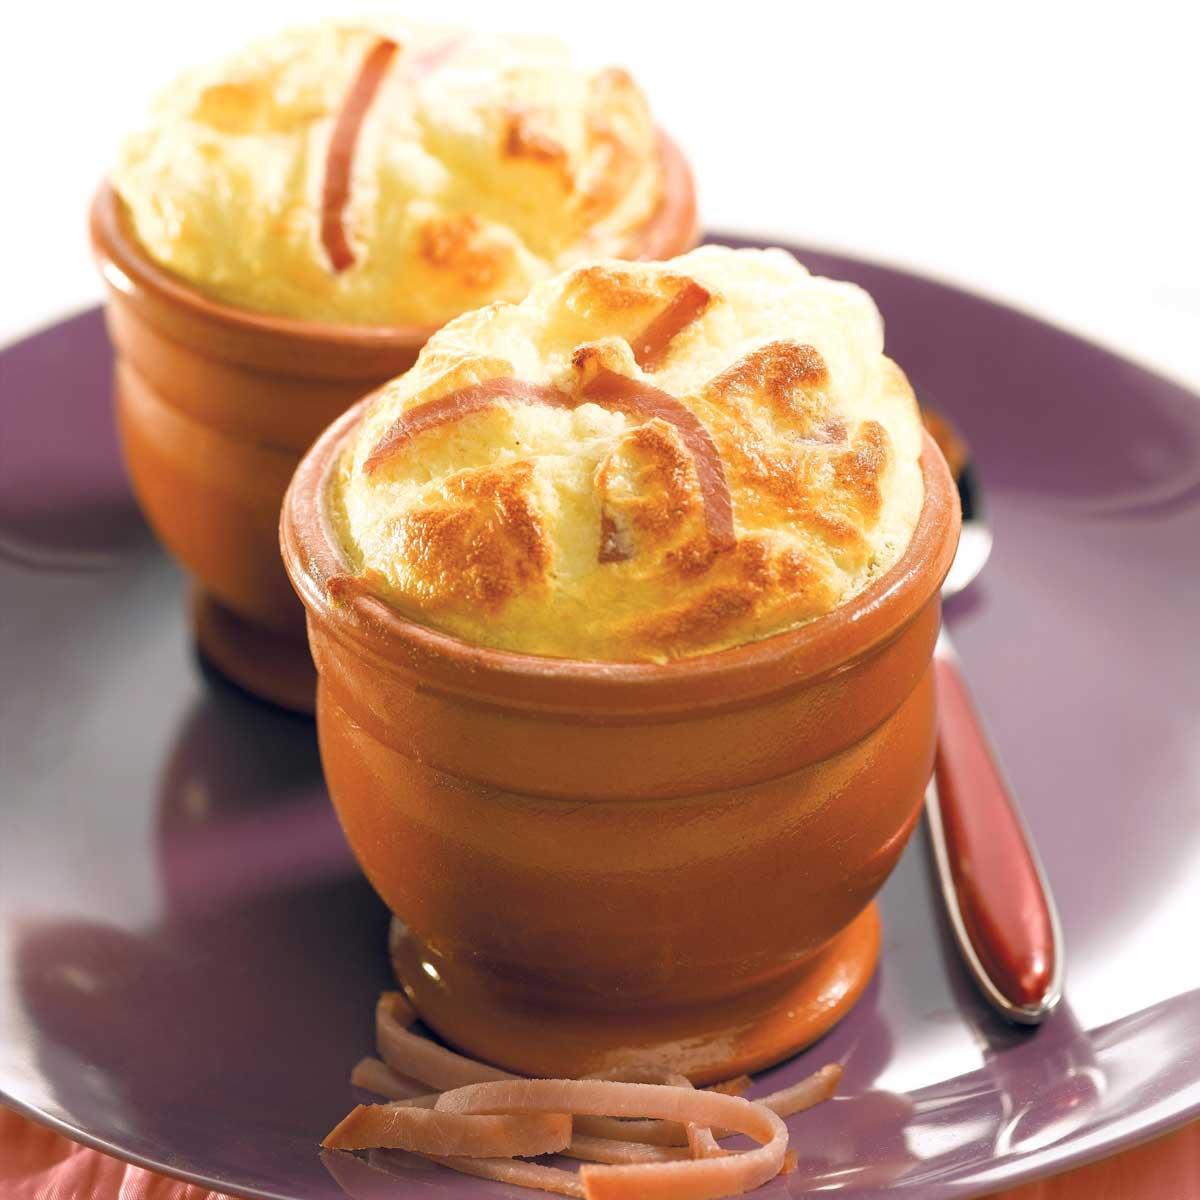 ... fromage et au bacon - une recette Fête - Cuisine   Le Figaro Madame